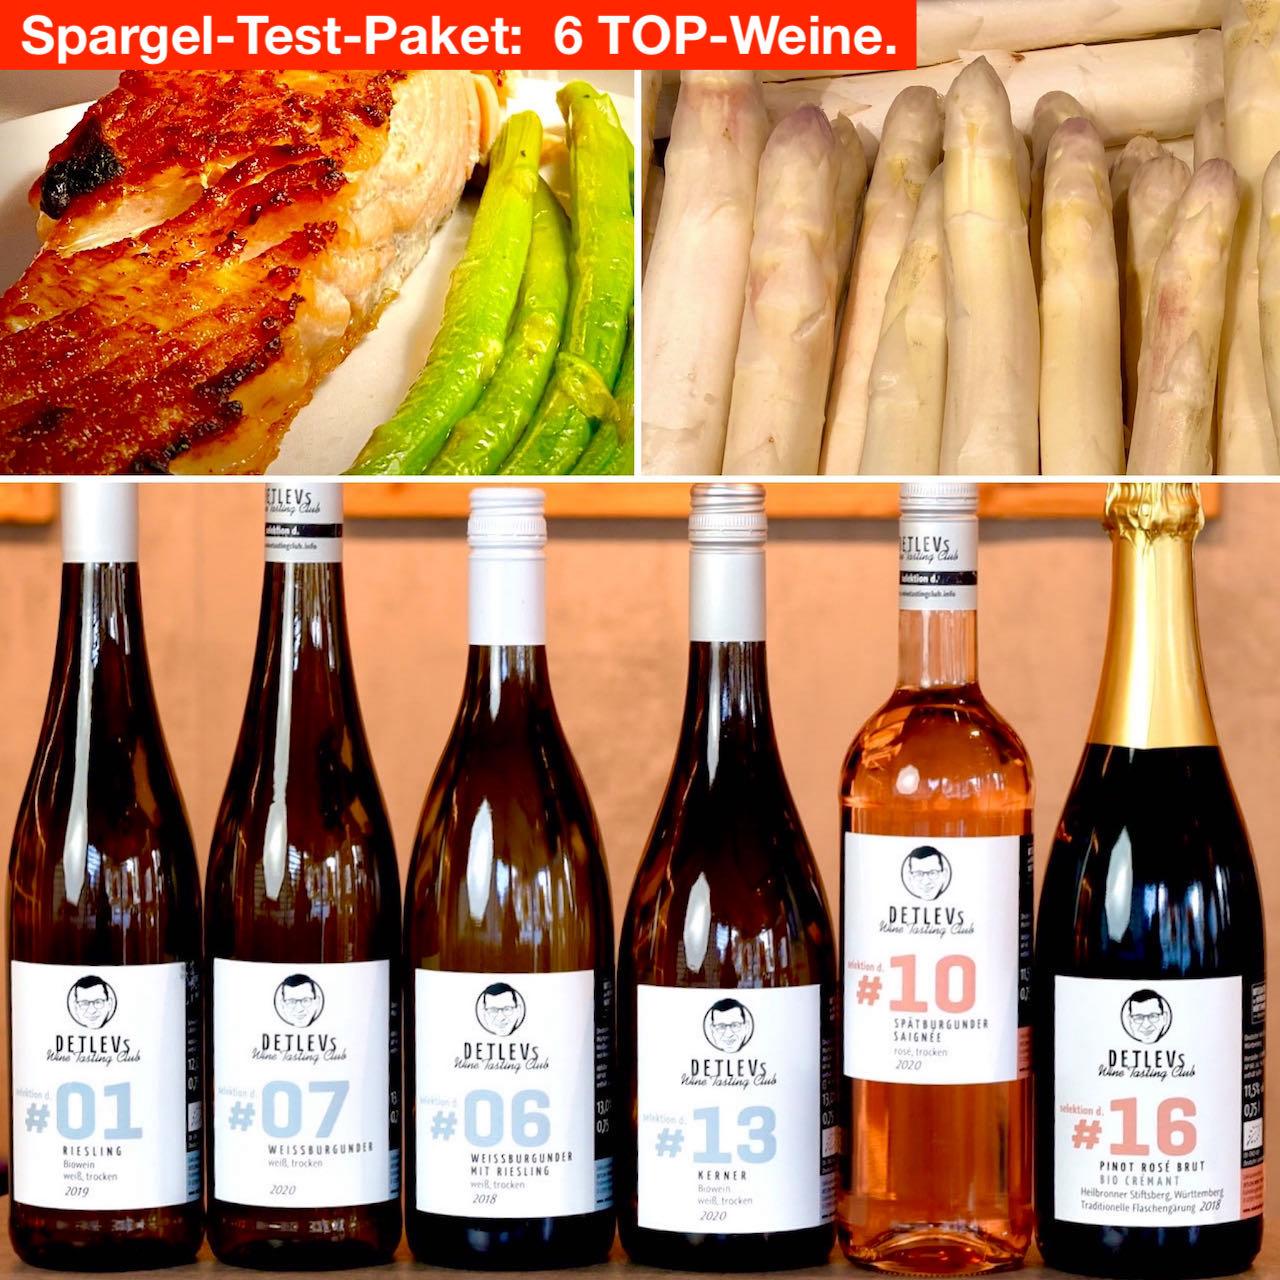 SPARGEL-Test-Paket: 6 TOP-Weine